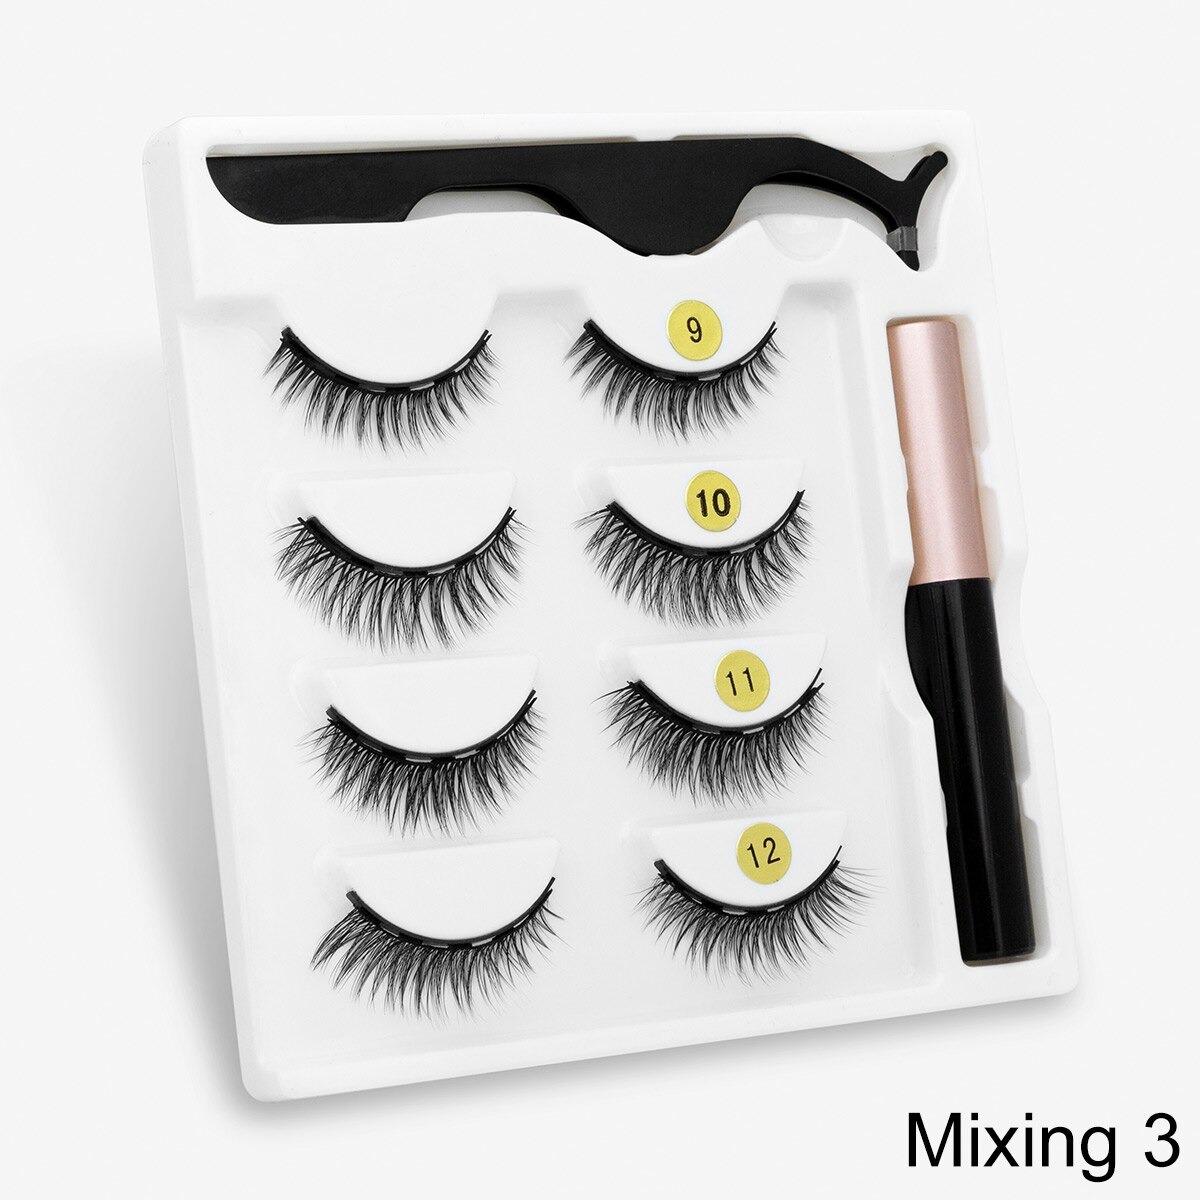 mix3 4pairs